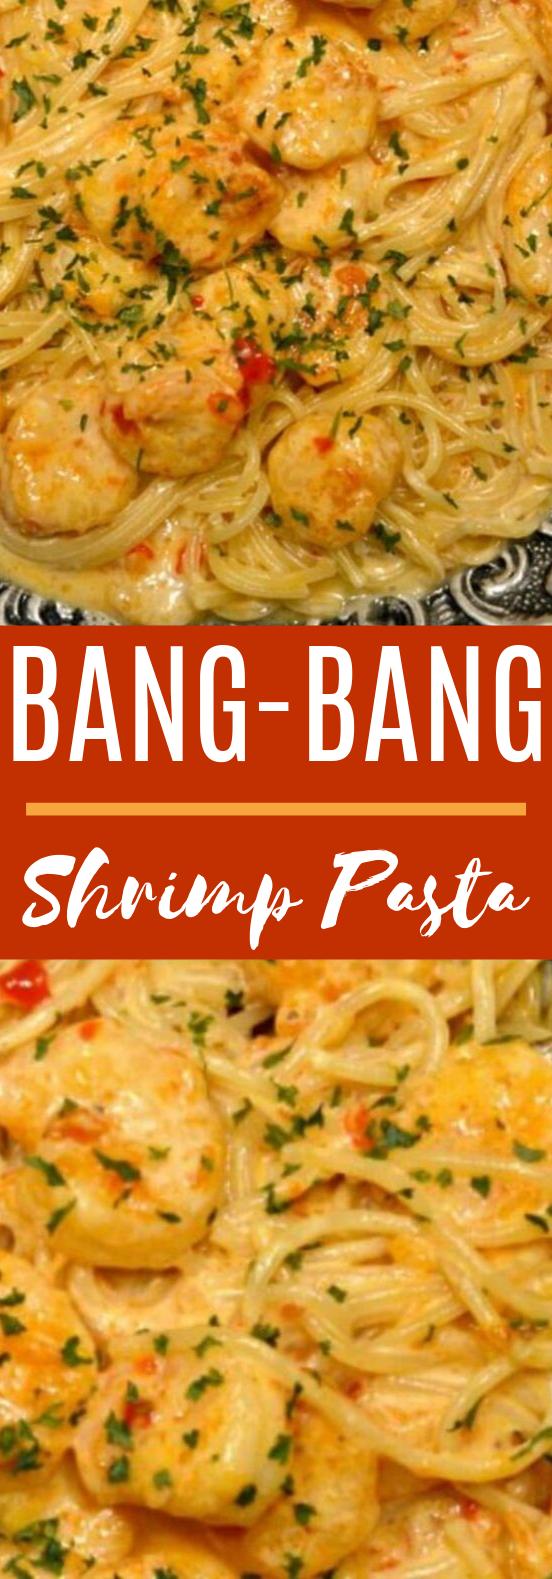 Bang Bang Shrimp Pasta #dinner #pasta